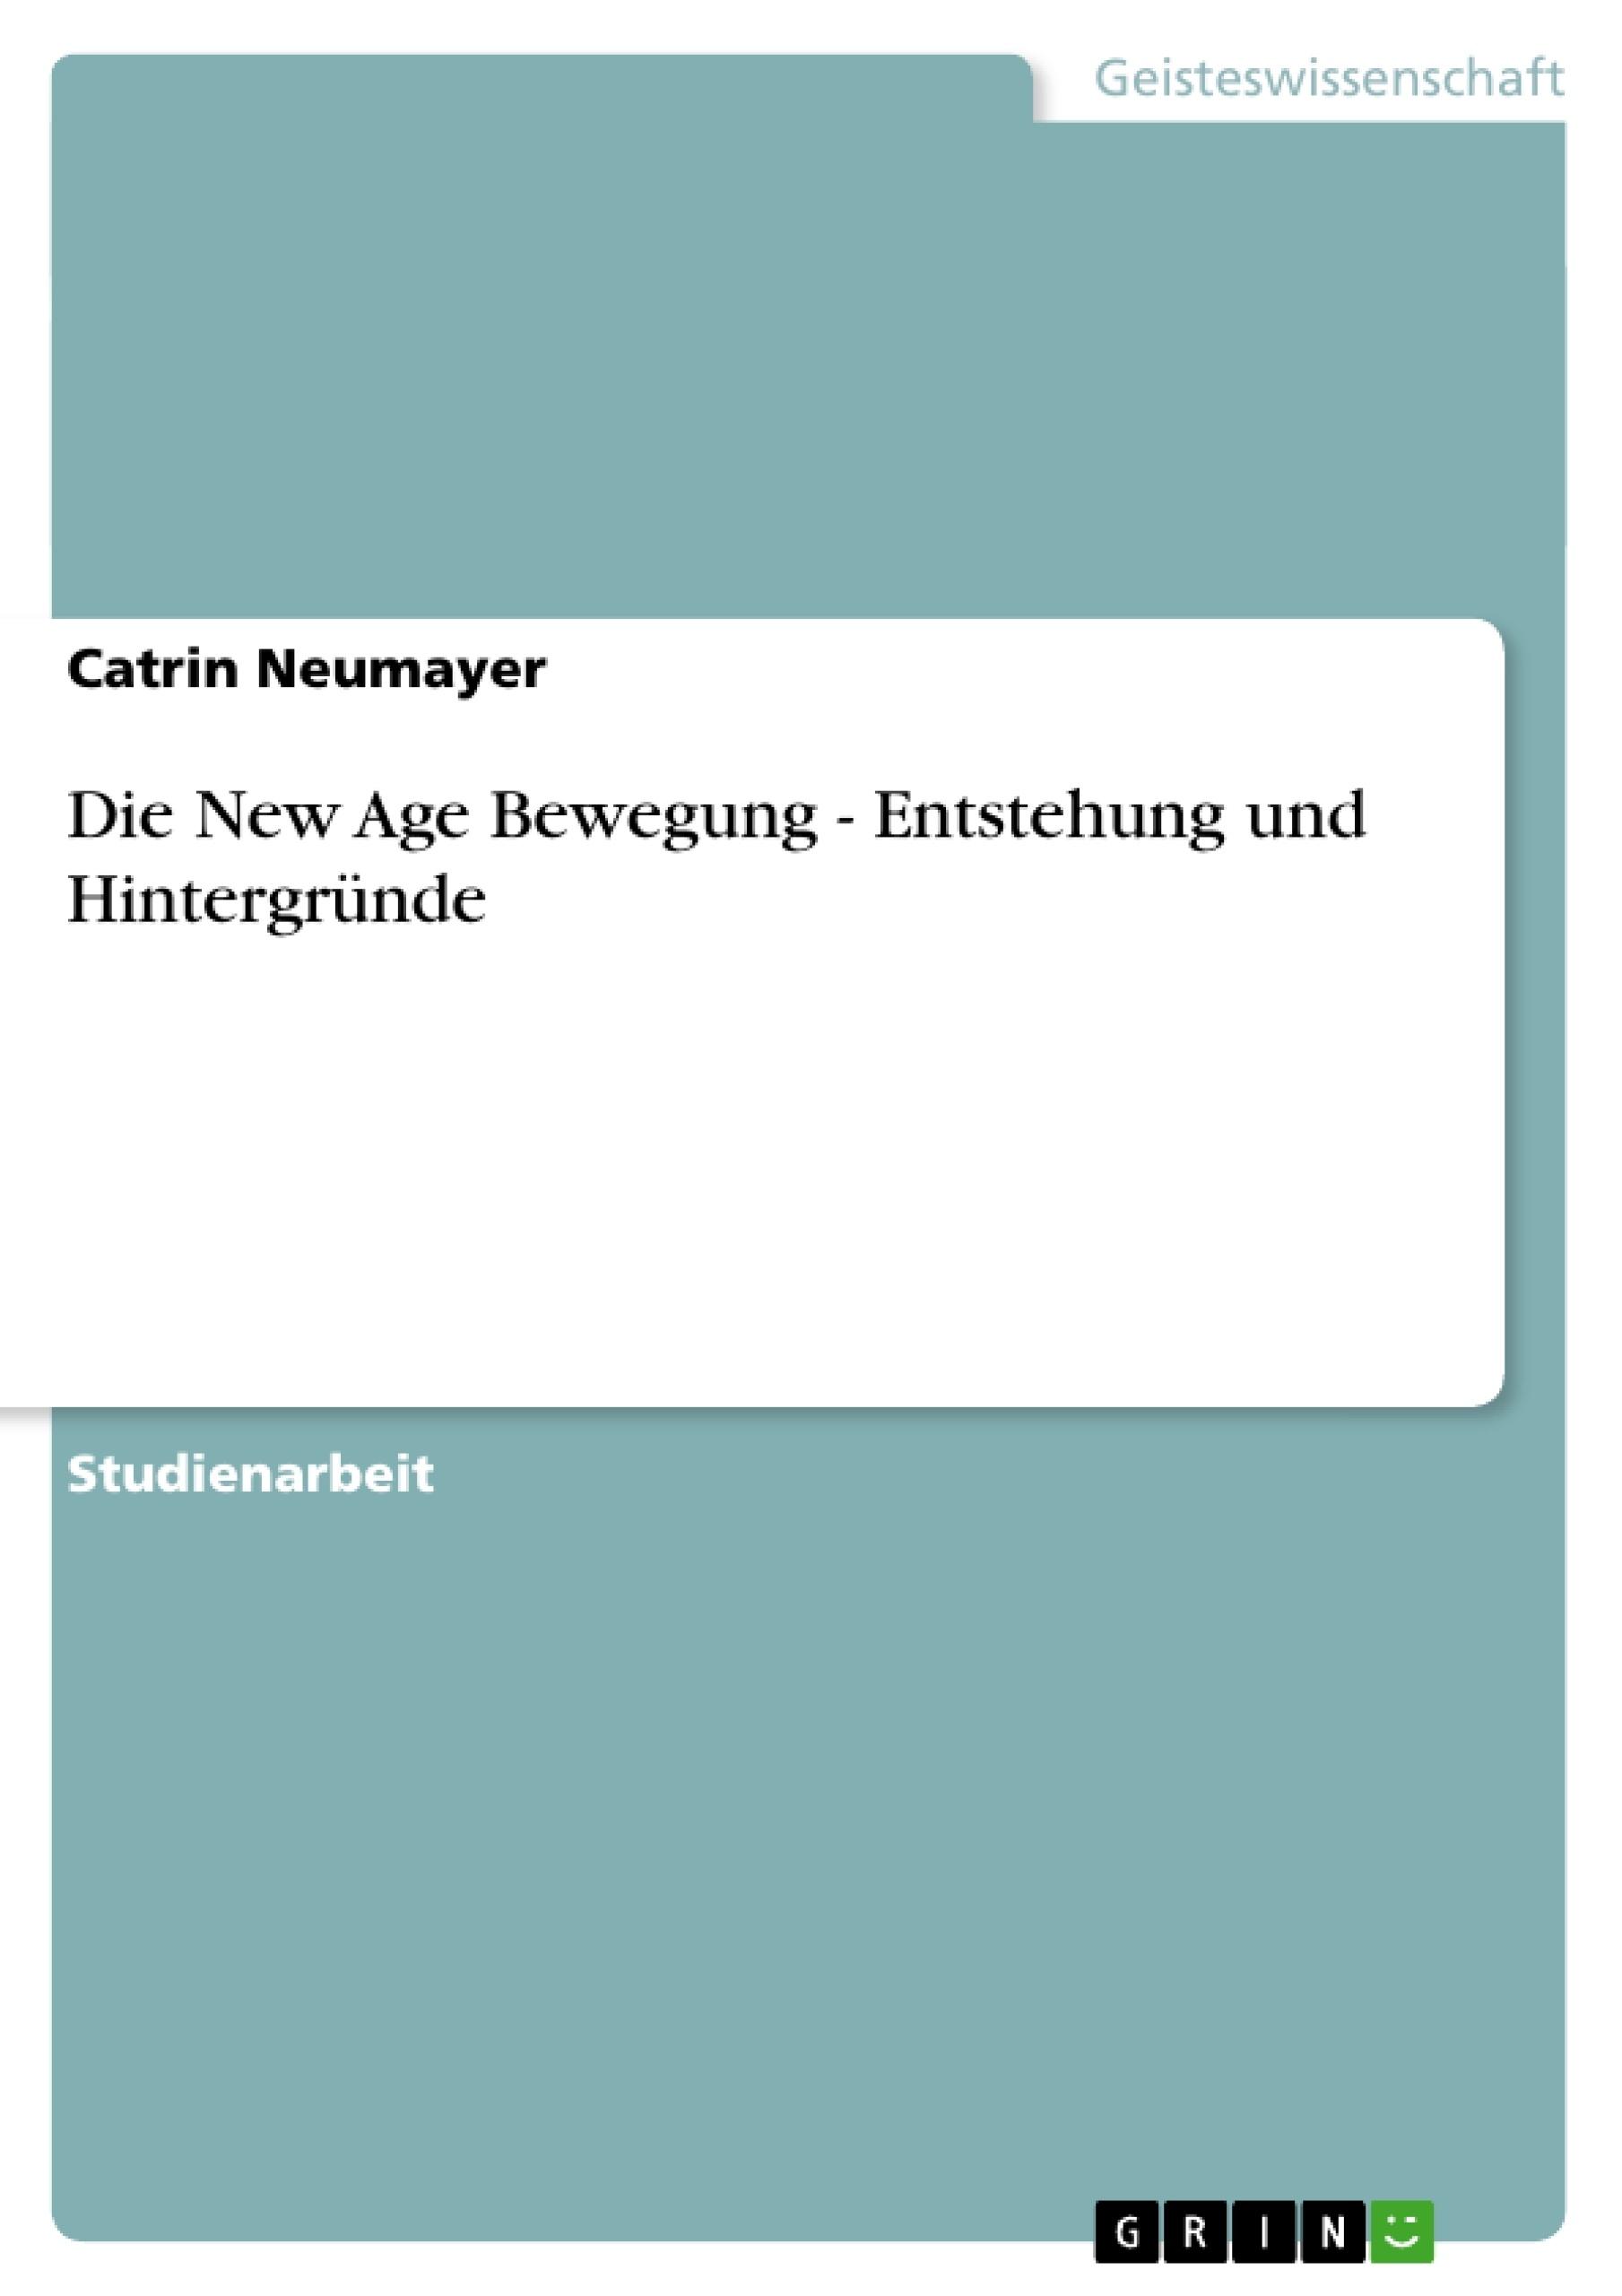 Titel: Die New Age Bewegung - Entstehung und Hintergründe